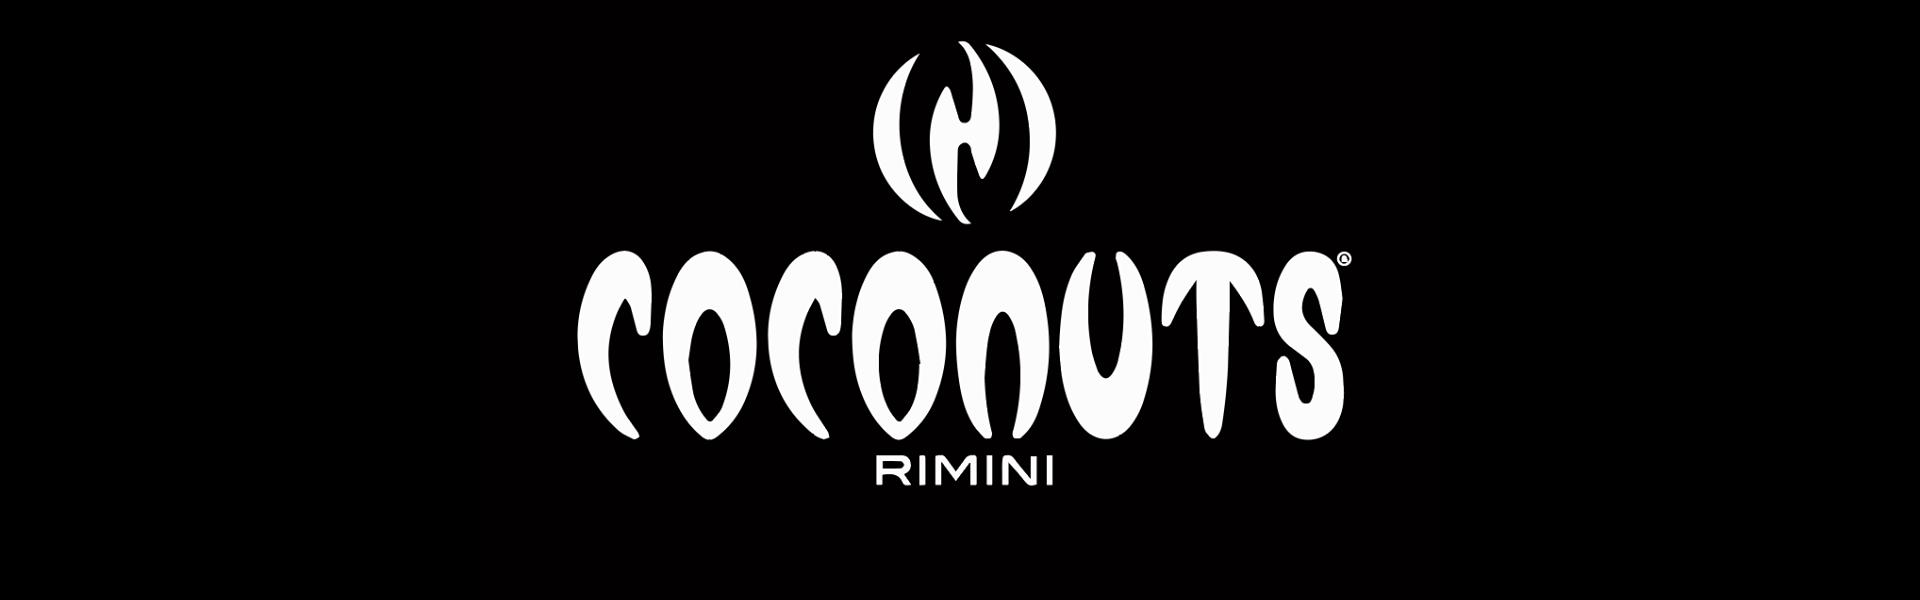 Coconuts - Rimini